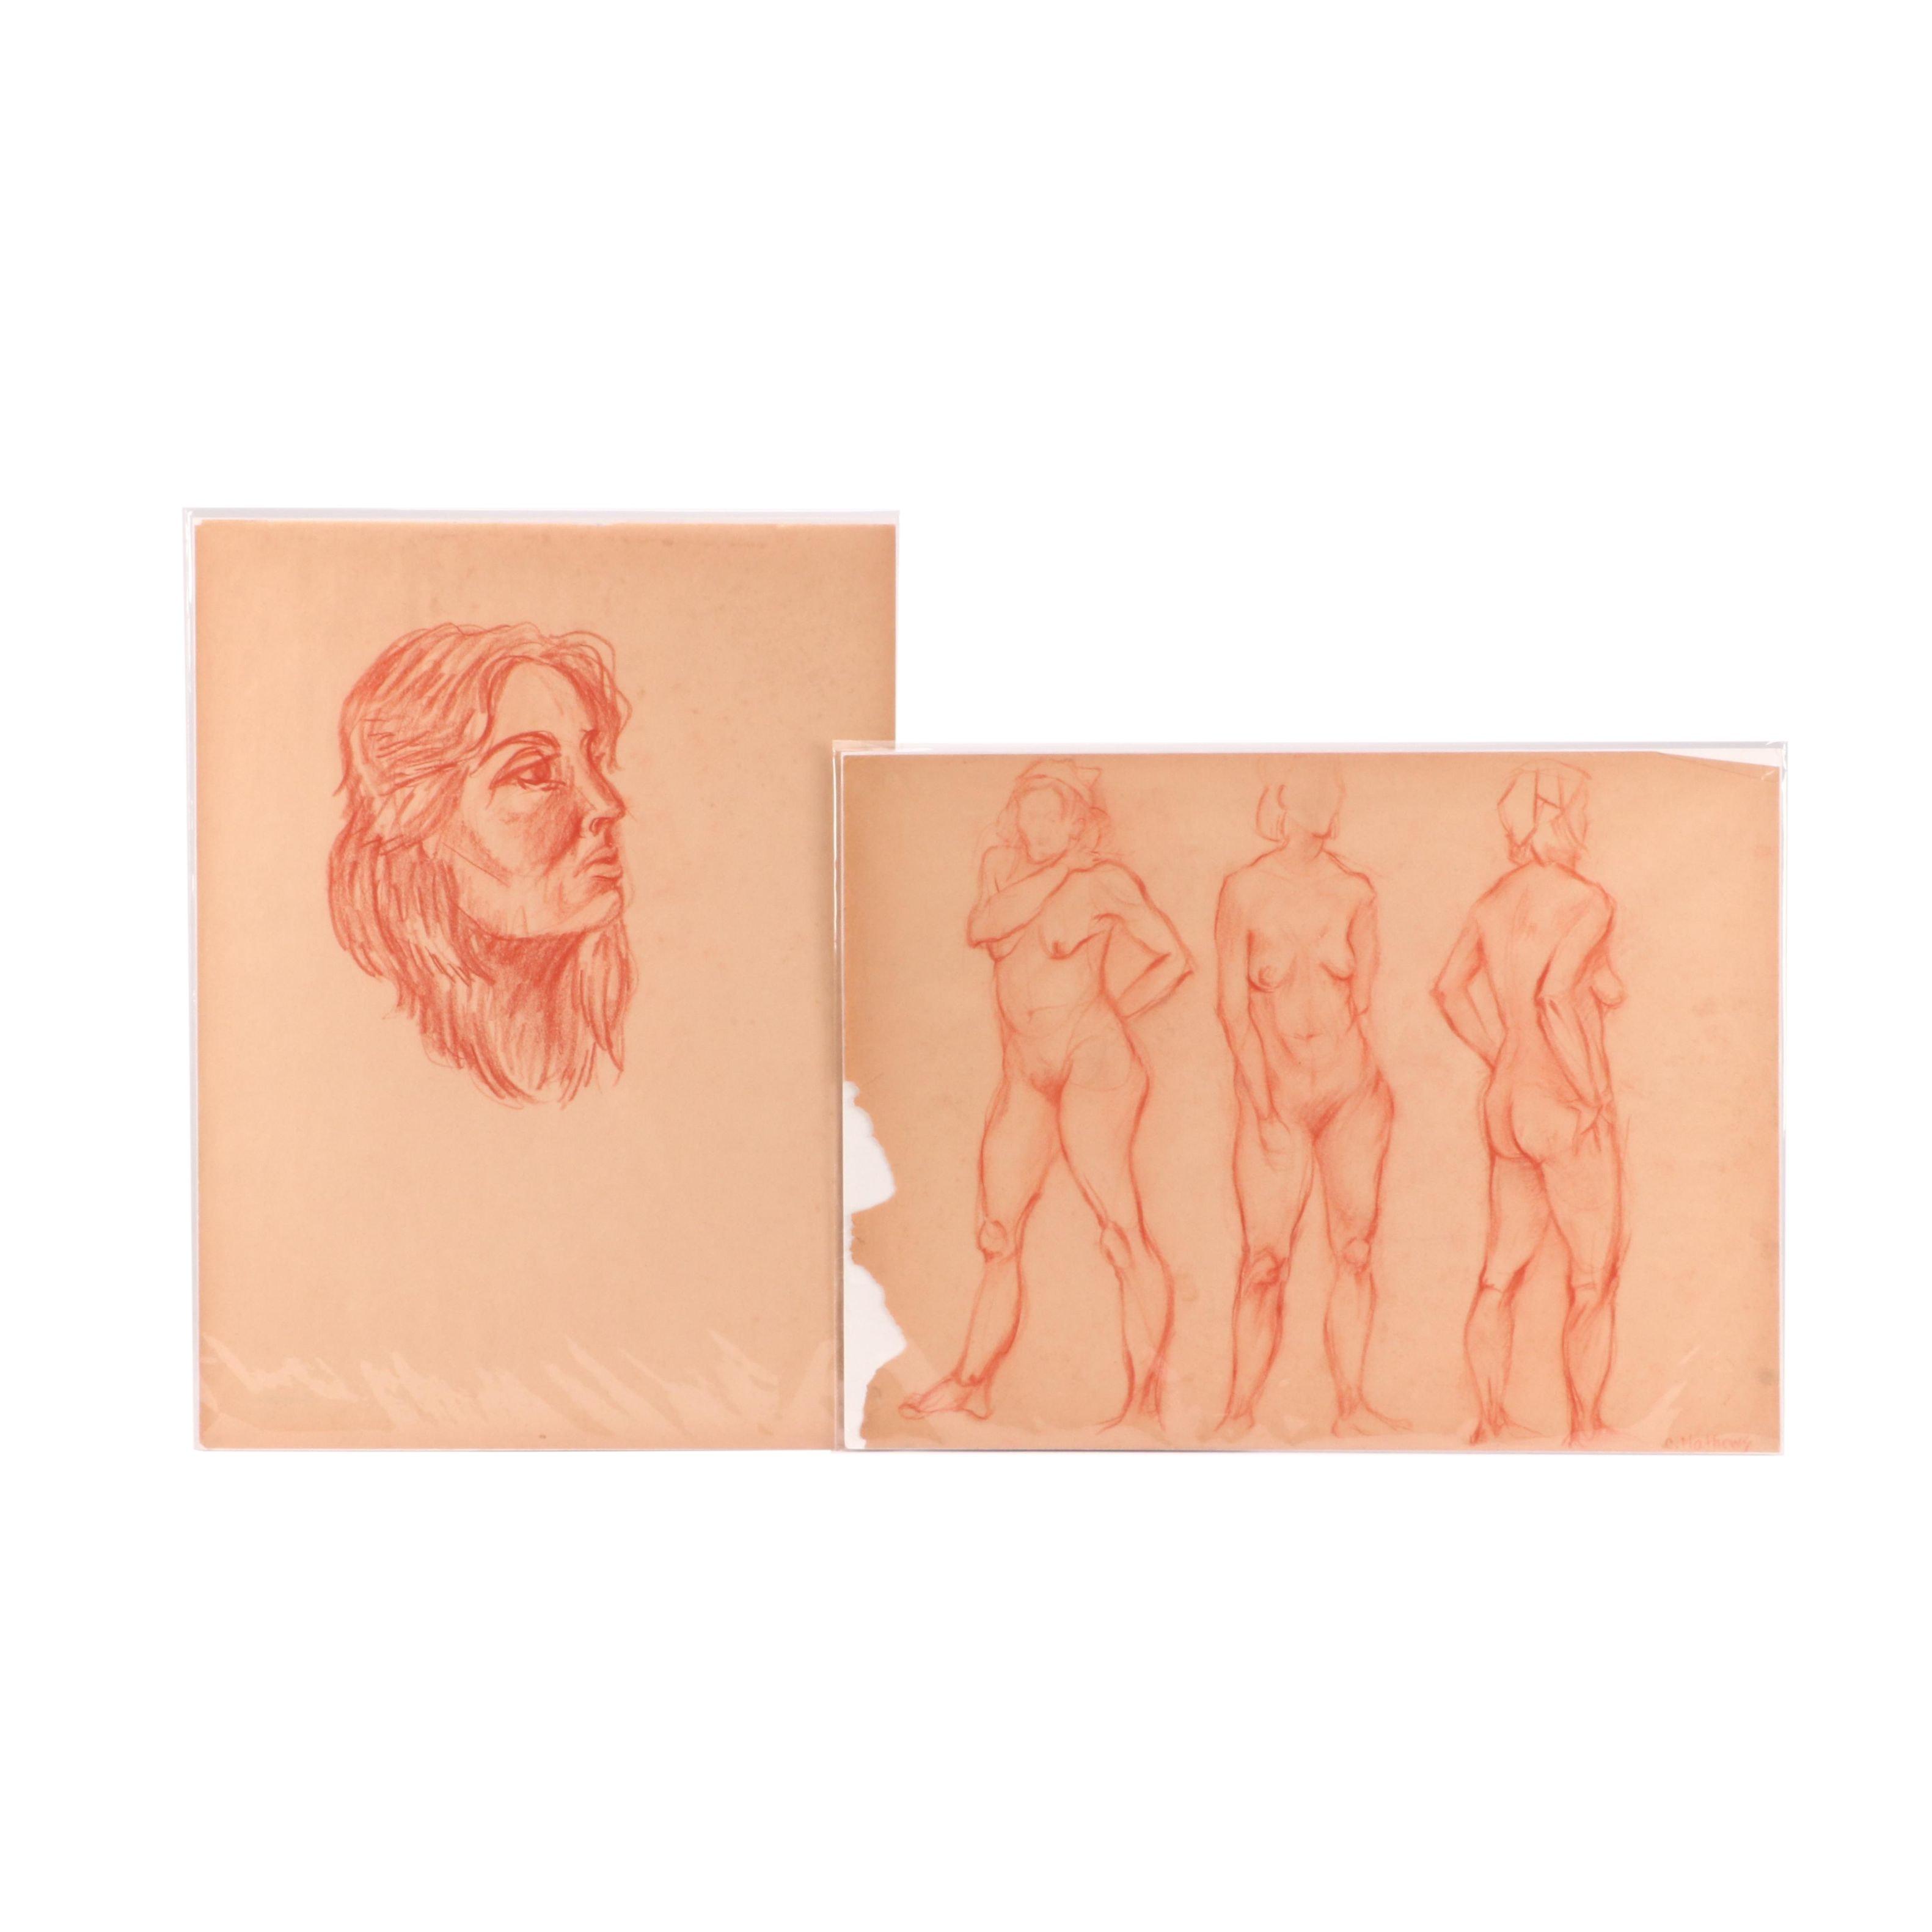 Carol Mathews Conté Crayon Academic Figure Drawings